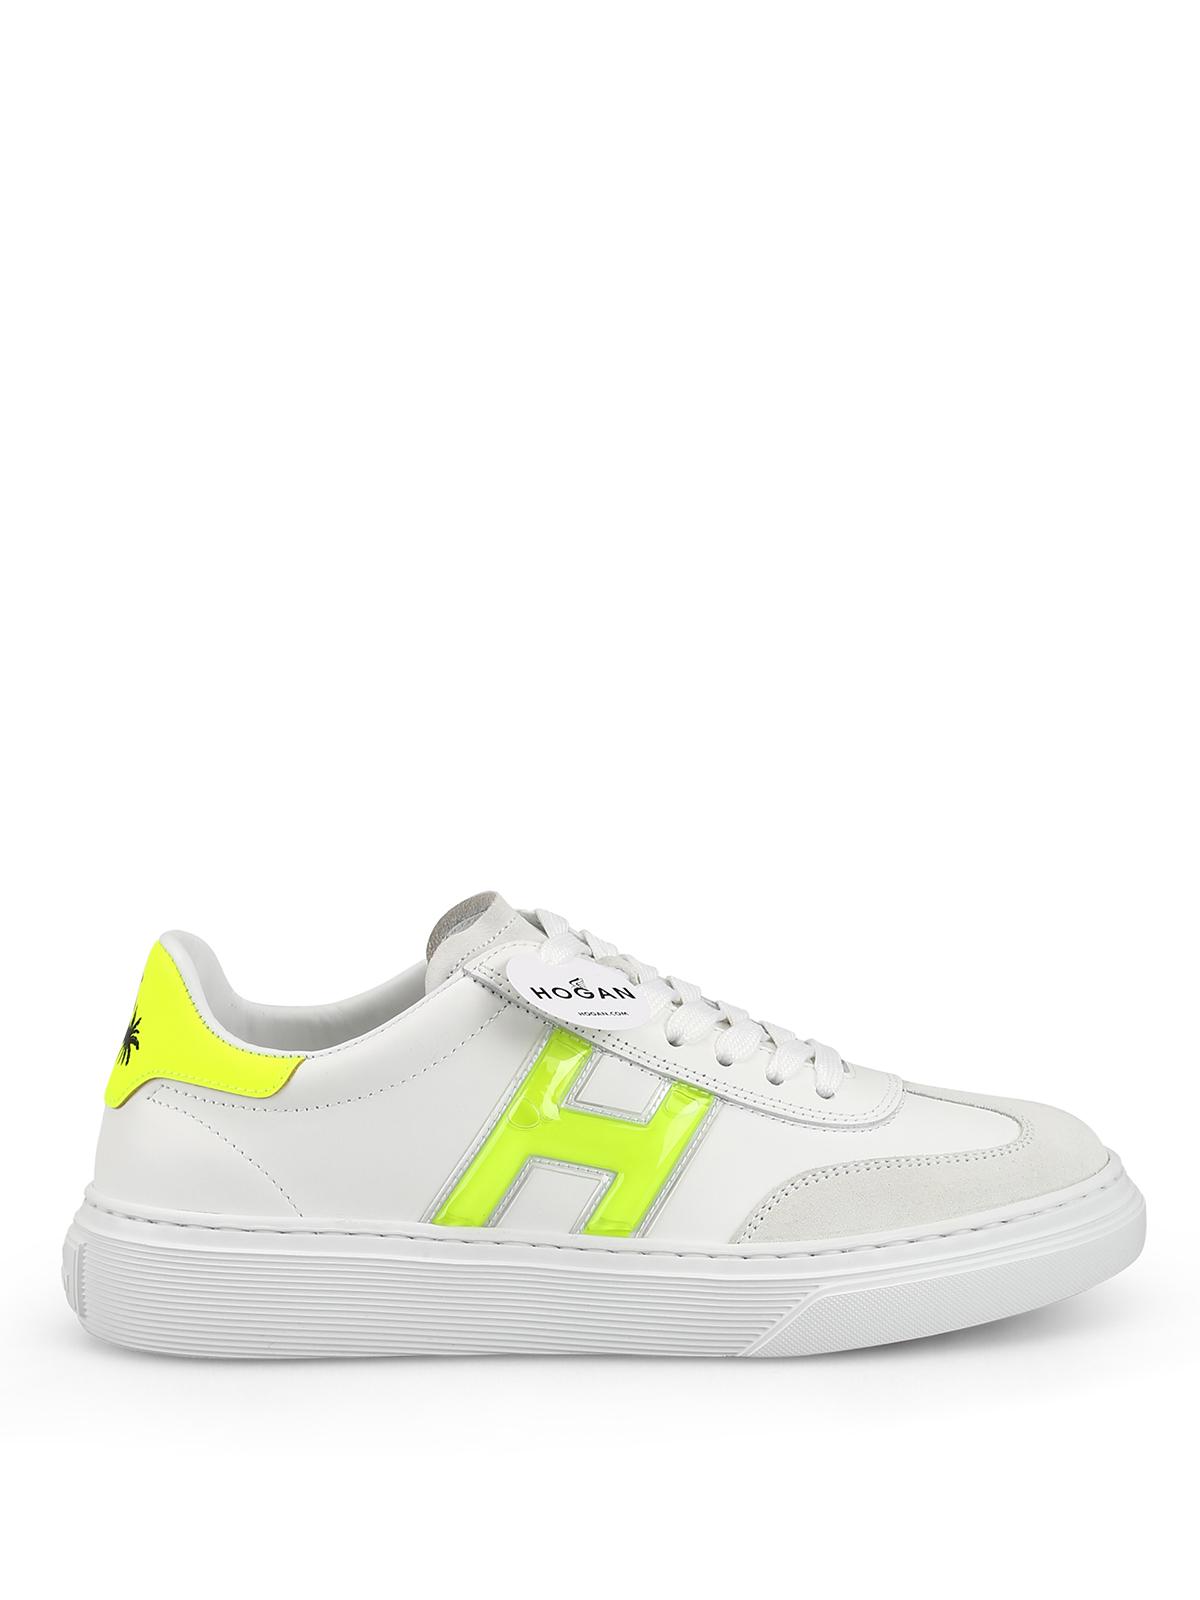 Sneakers Hogan - Sneaker H365 in pelle con dettagli fluo ...